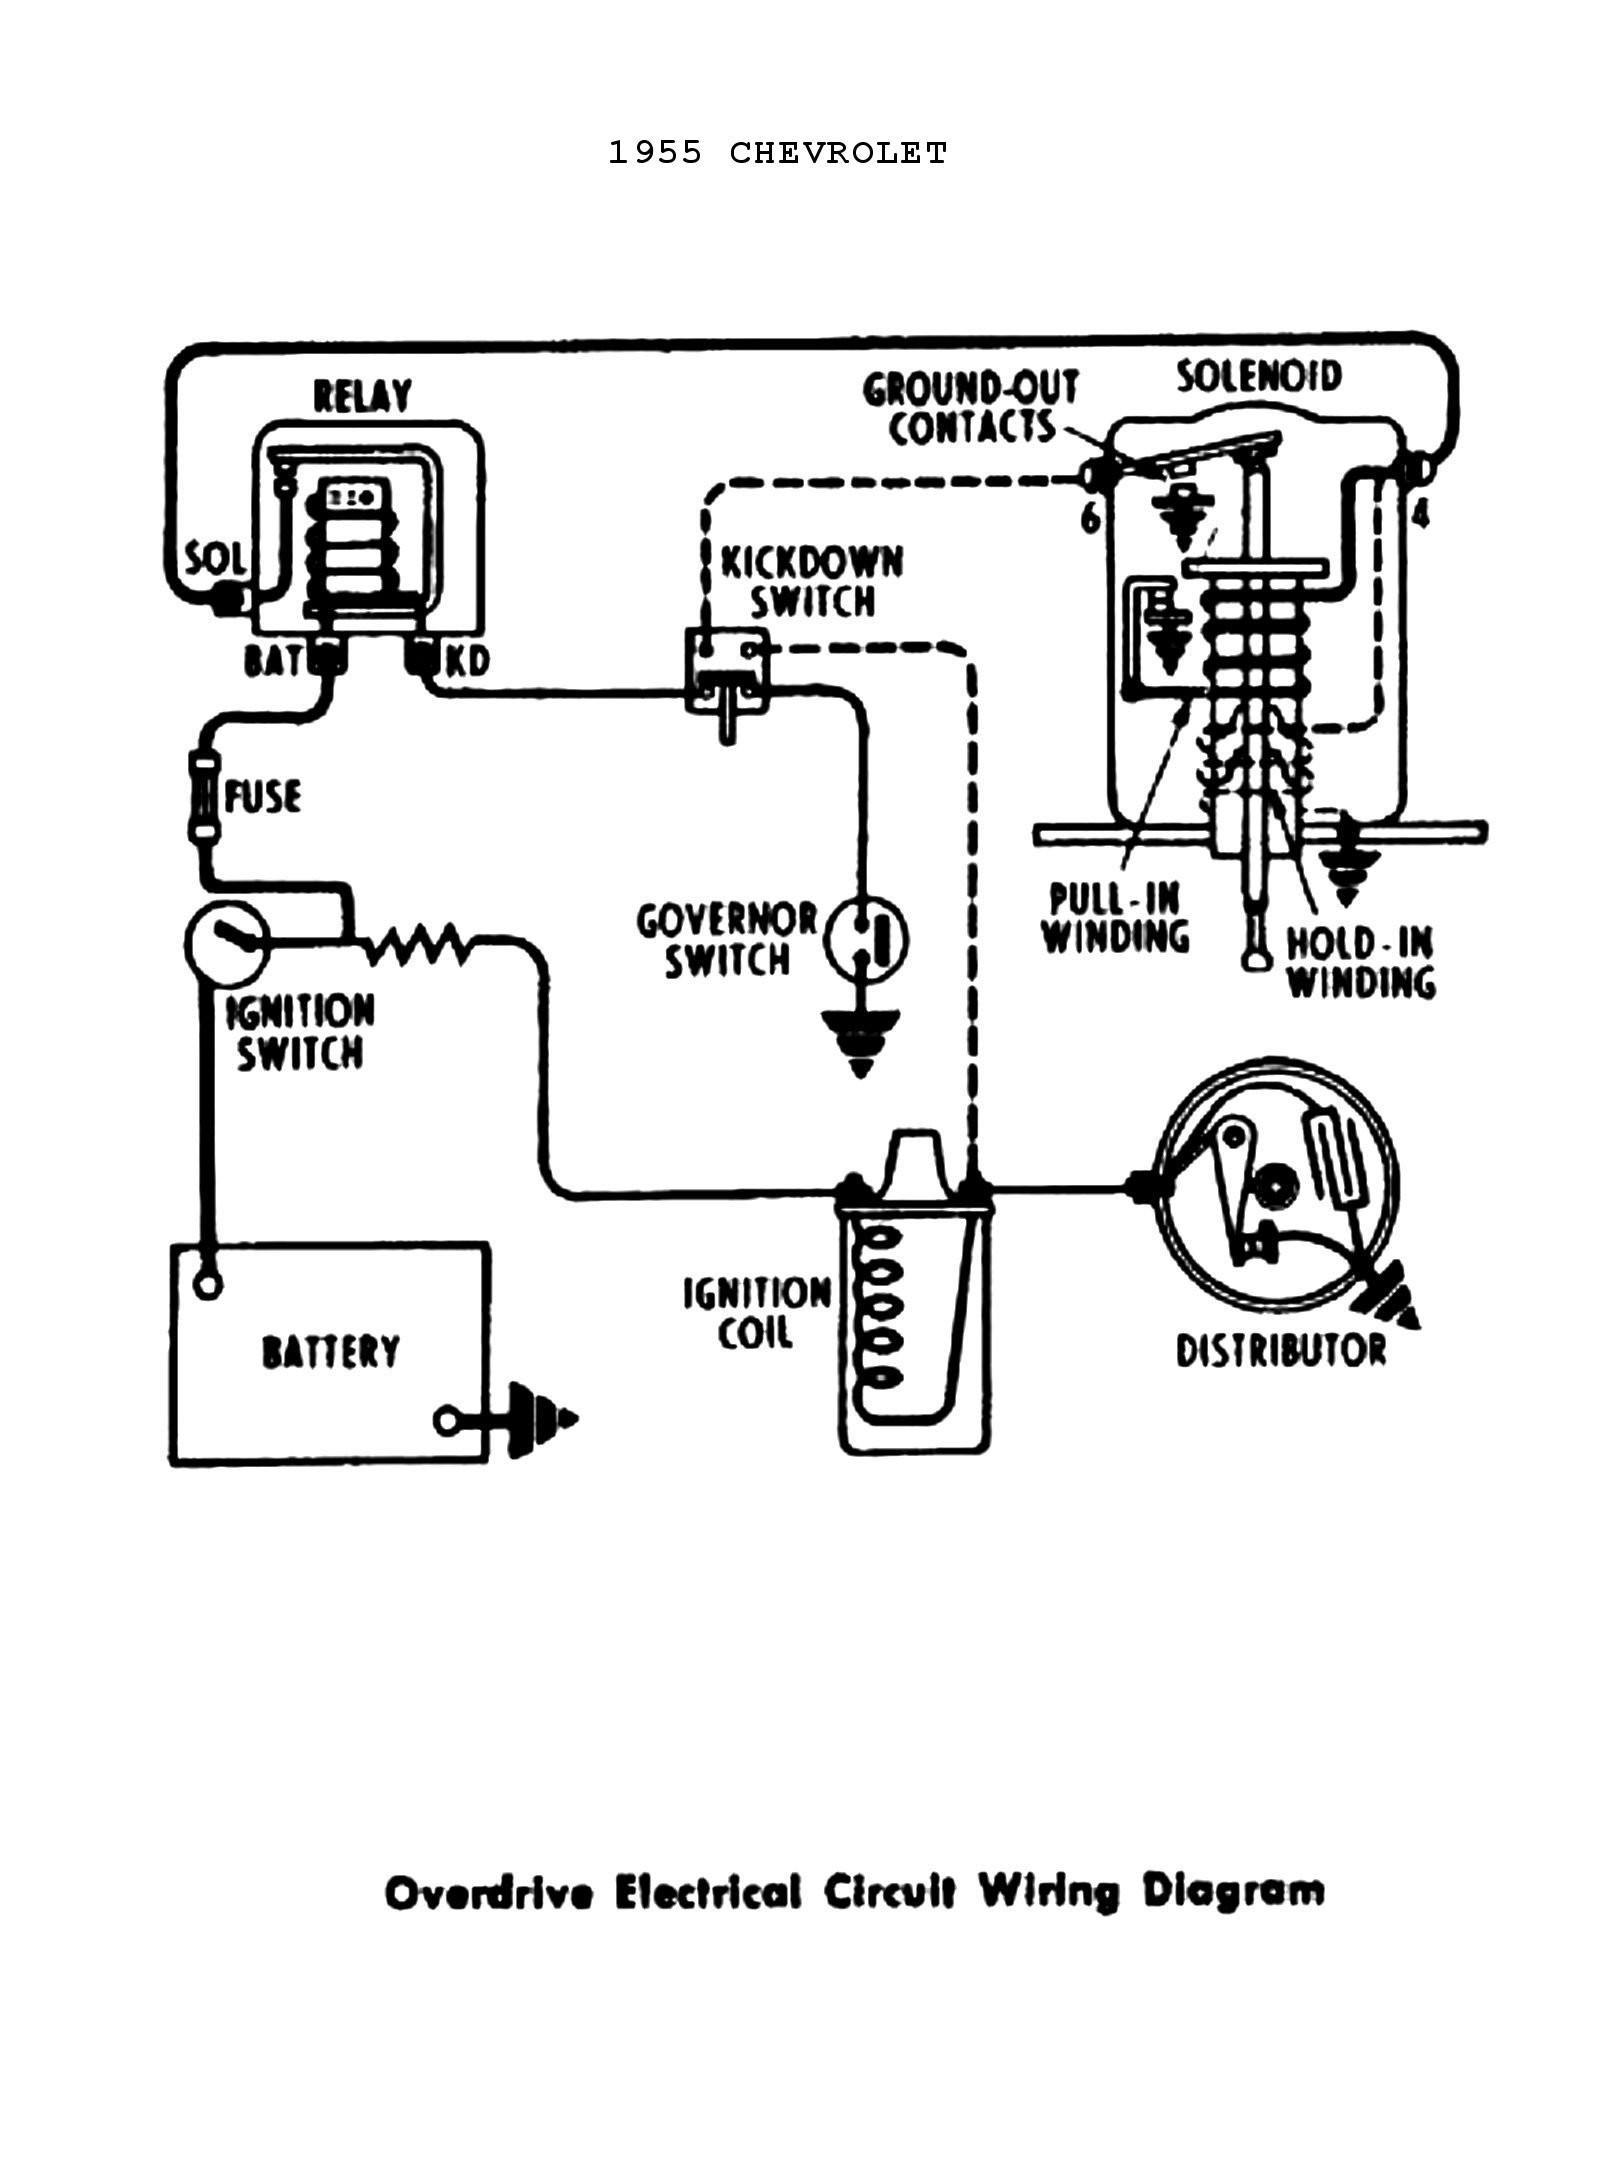 1993 club car wiring diagram bathroom extractor fan ignition switch